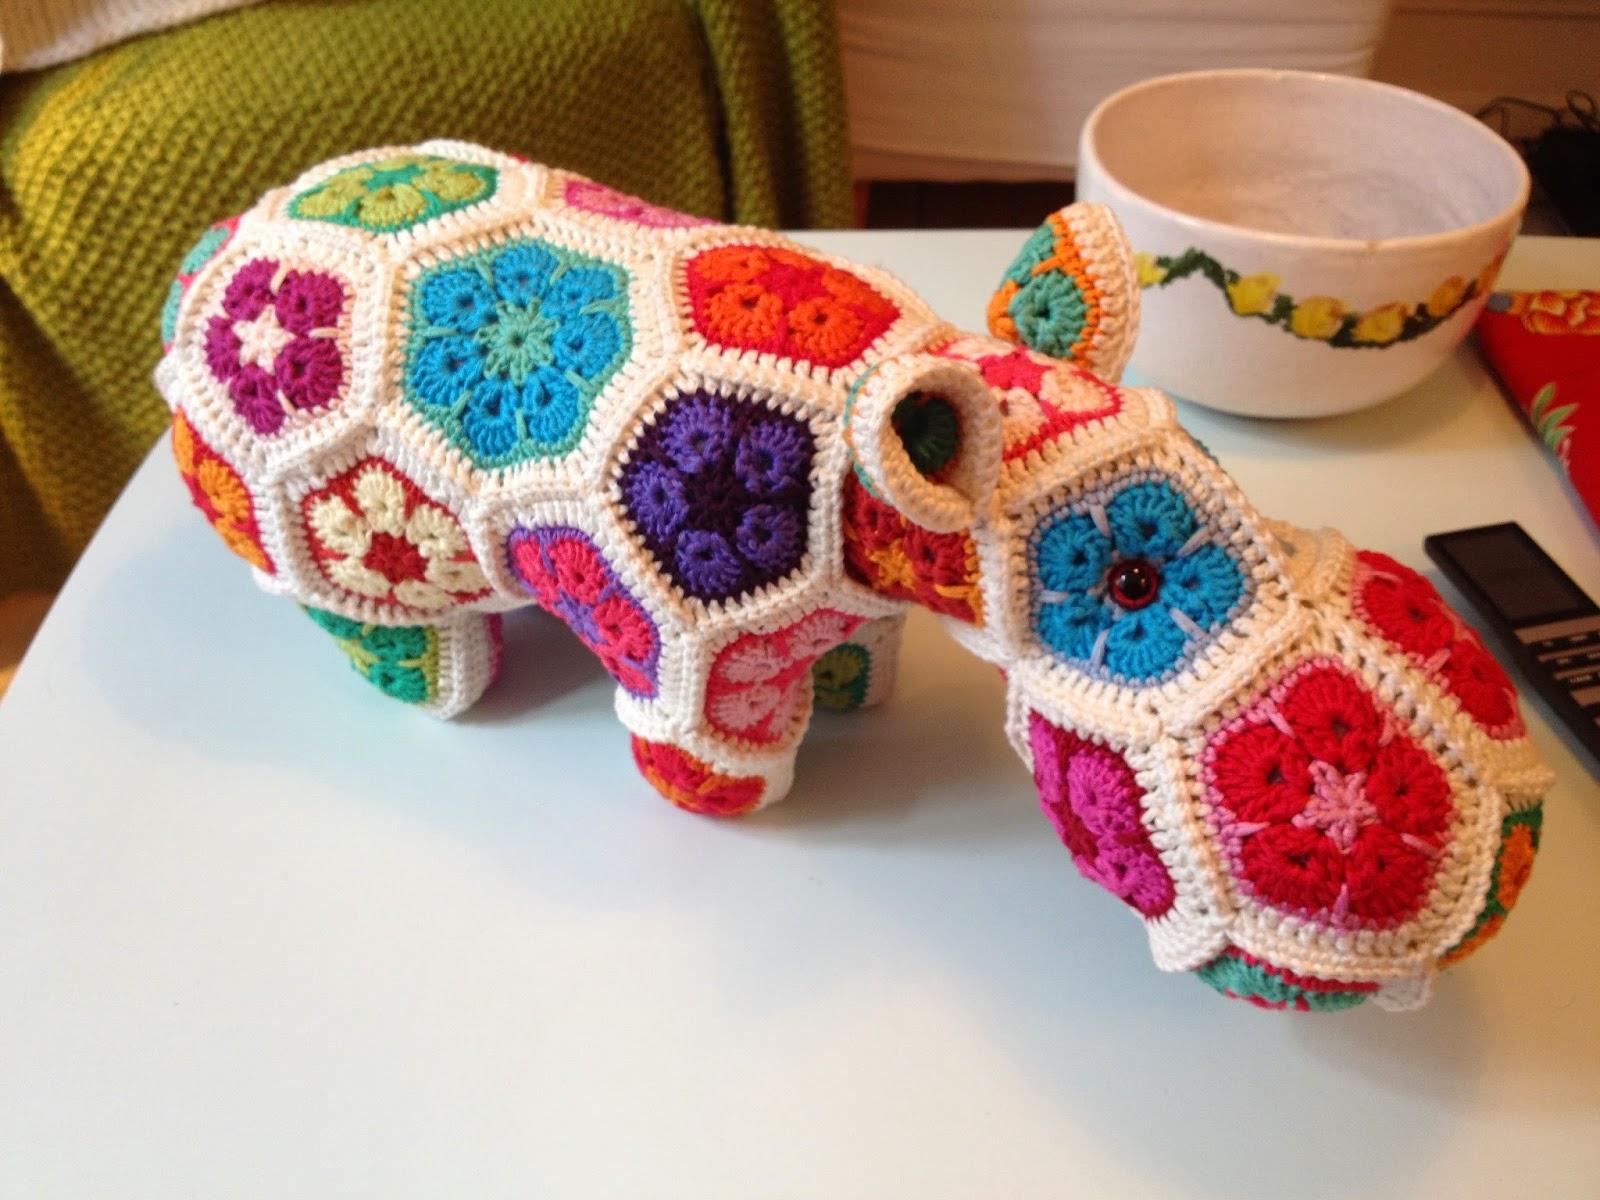 Hæklet flodhest i mange farver. Blomster. Puslespil. Crocheted hippo.